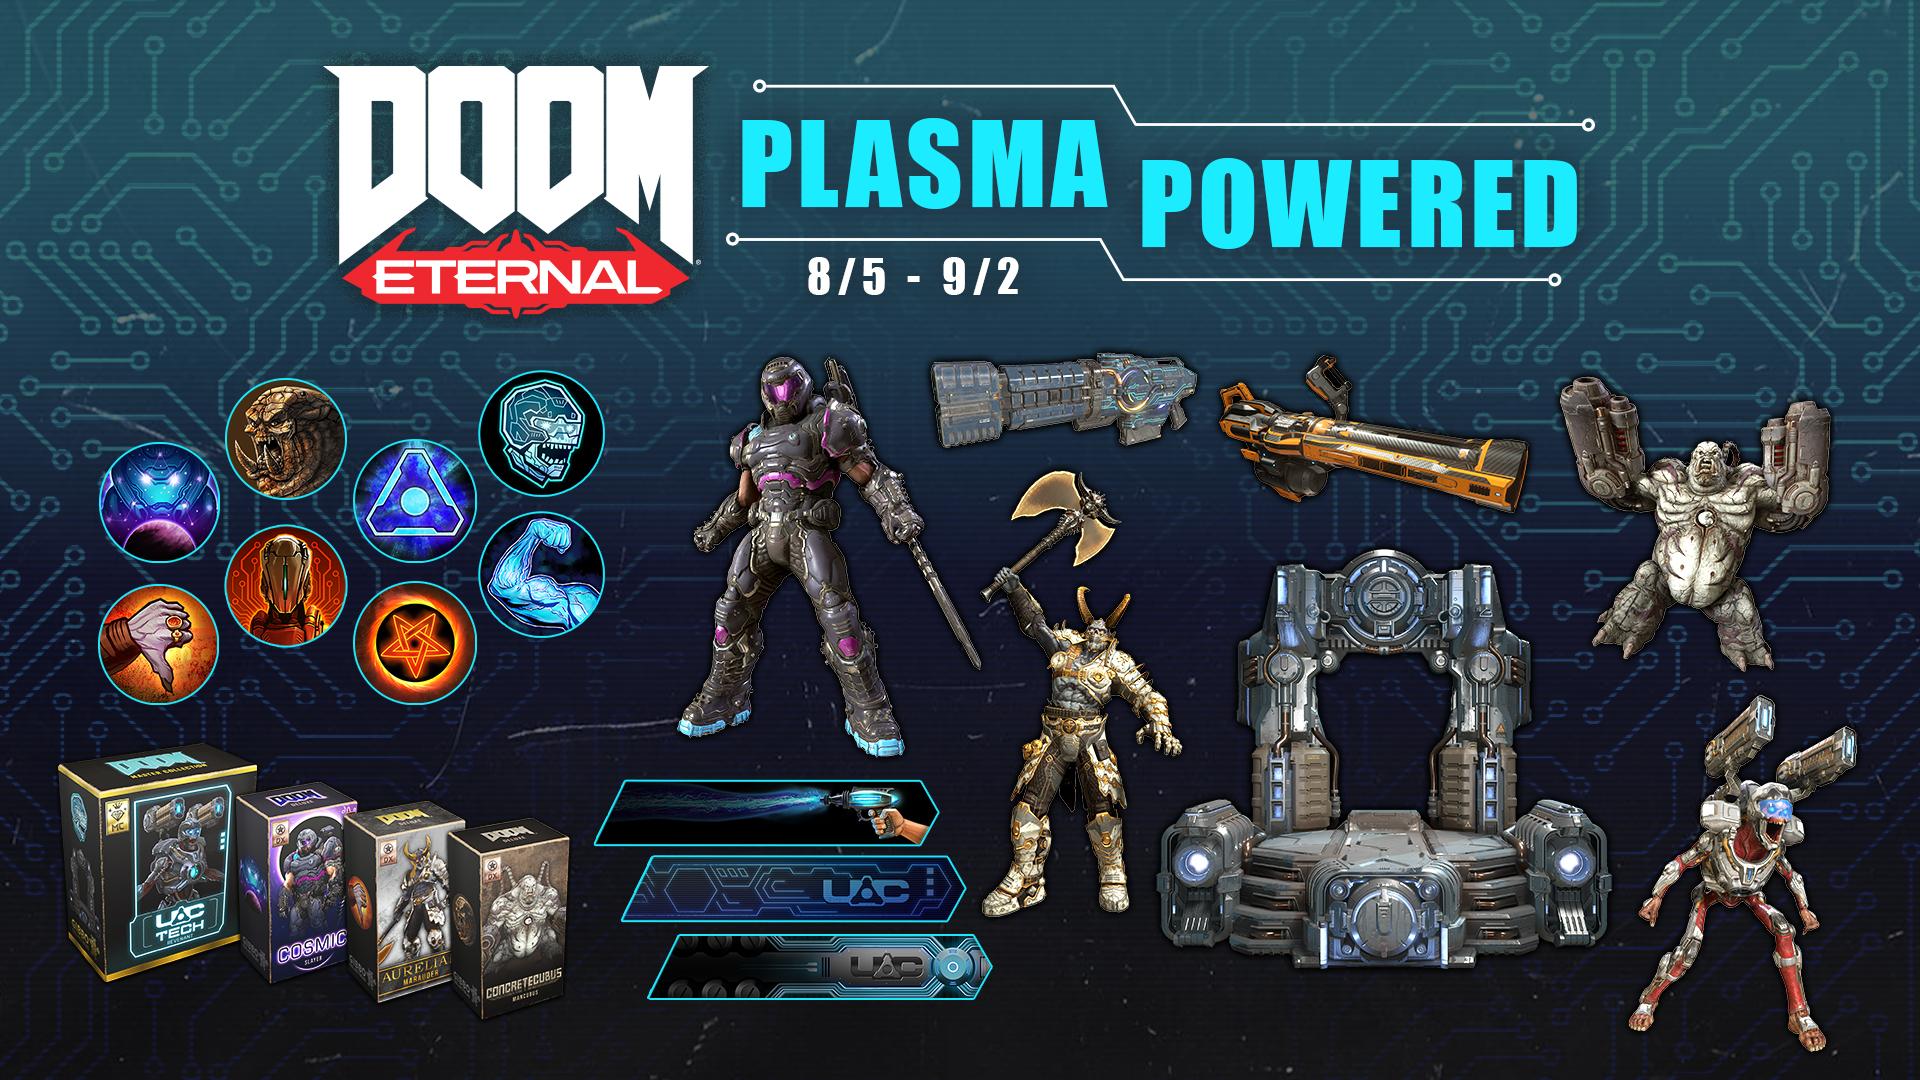 DOOM-Eternal PLASMA-POWERED community 1920x1080-01-EN (002)